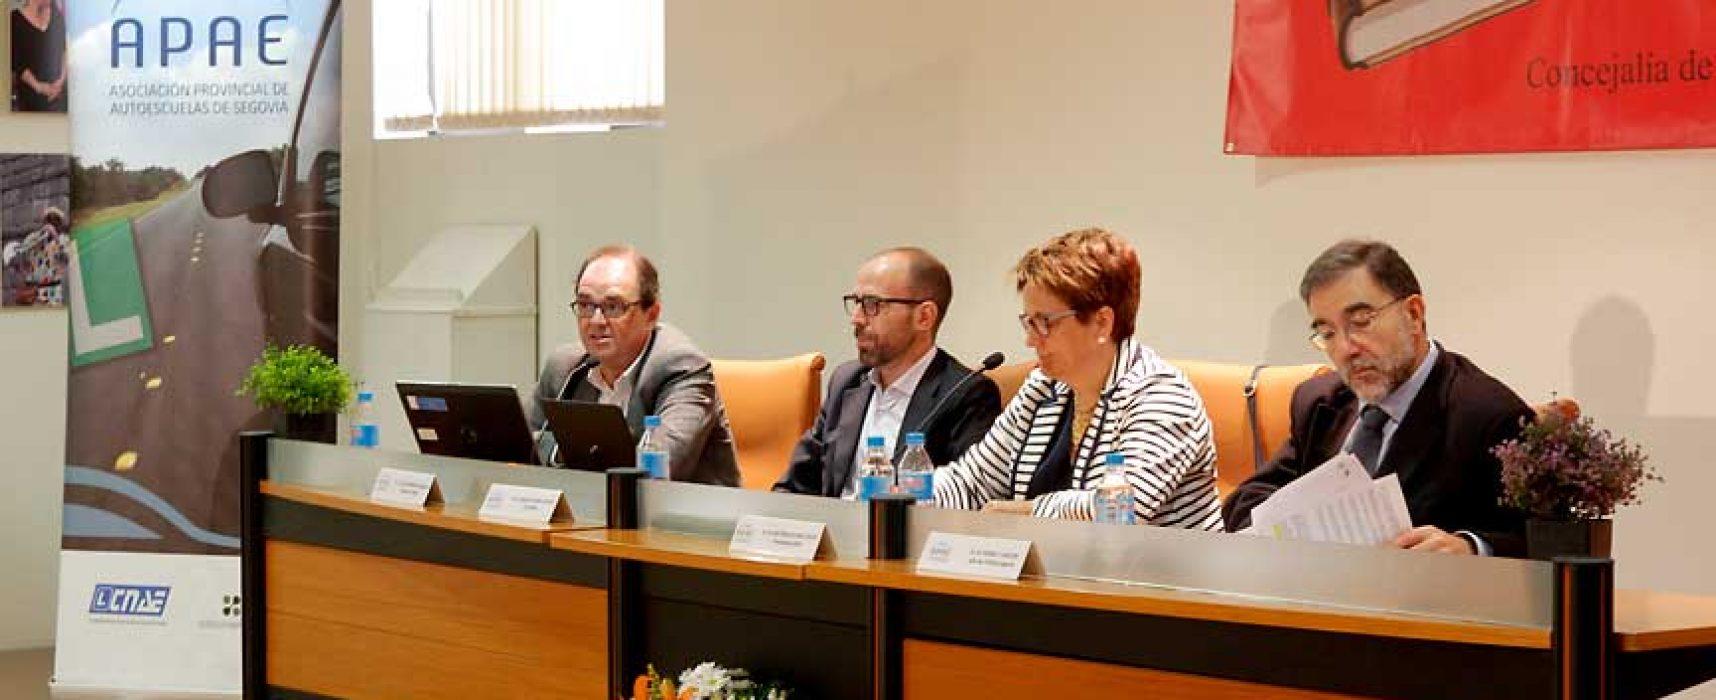 La Federación de Autoescuelas de Castilla y León analiza en Cuéllar el reto de los vehículos autónomos